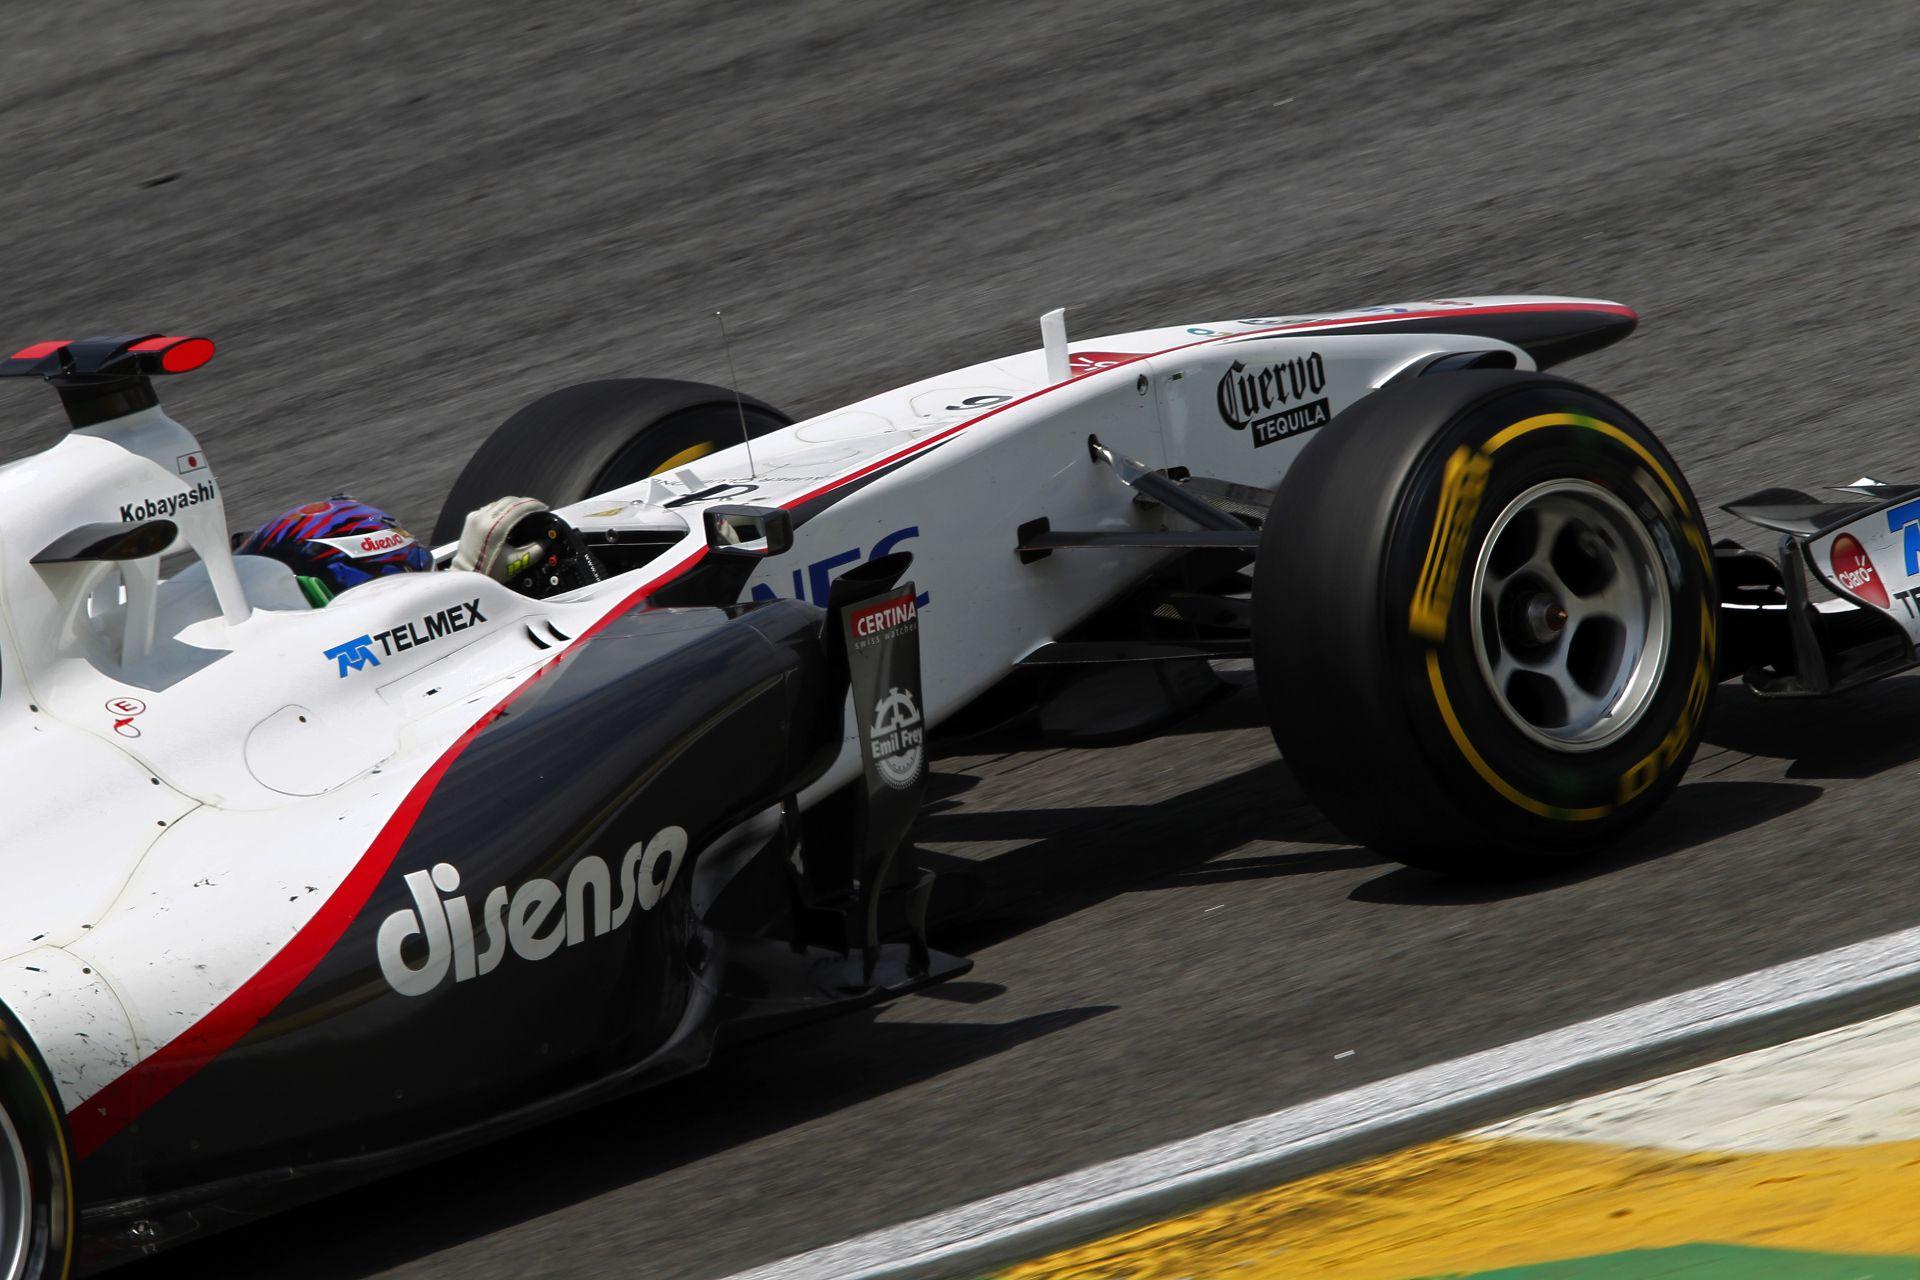 Újabb F1-es autó vált eladóvá: 12 millió forintot kérnek érte